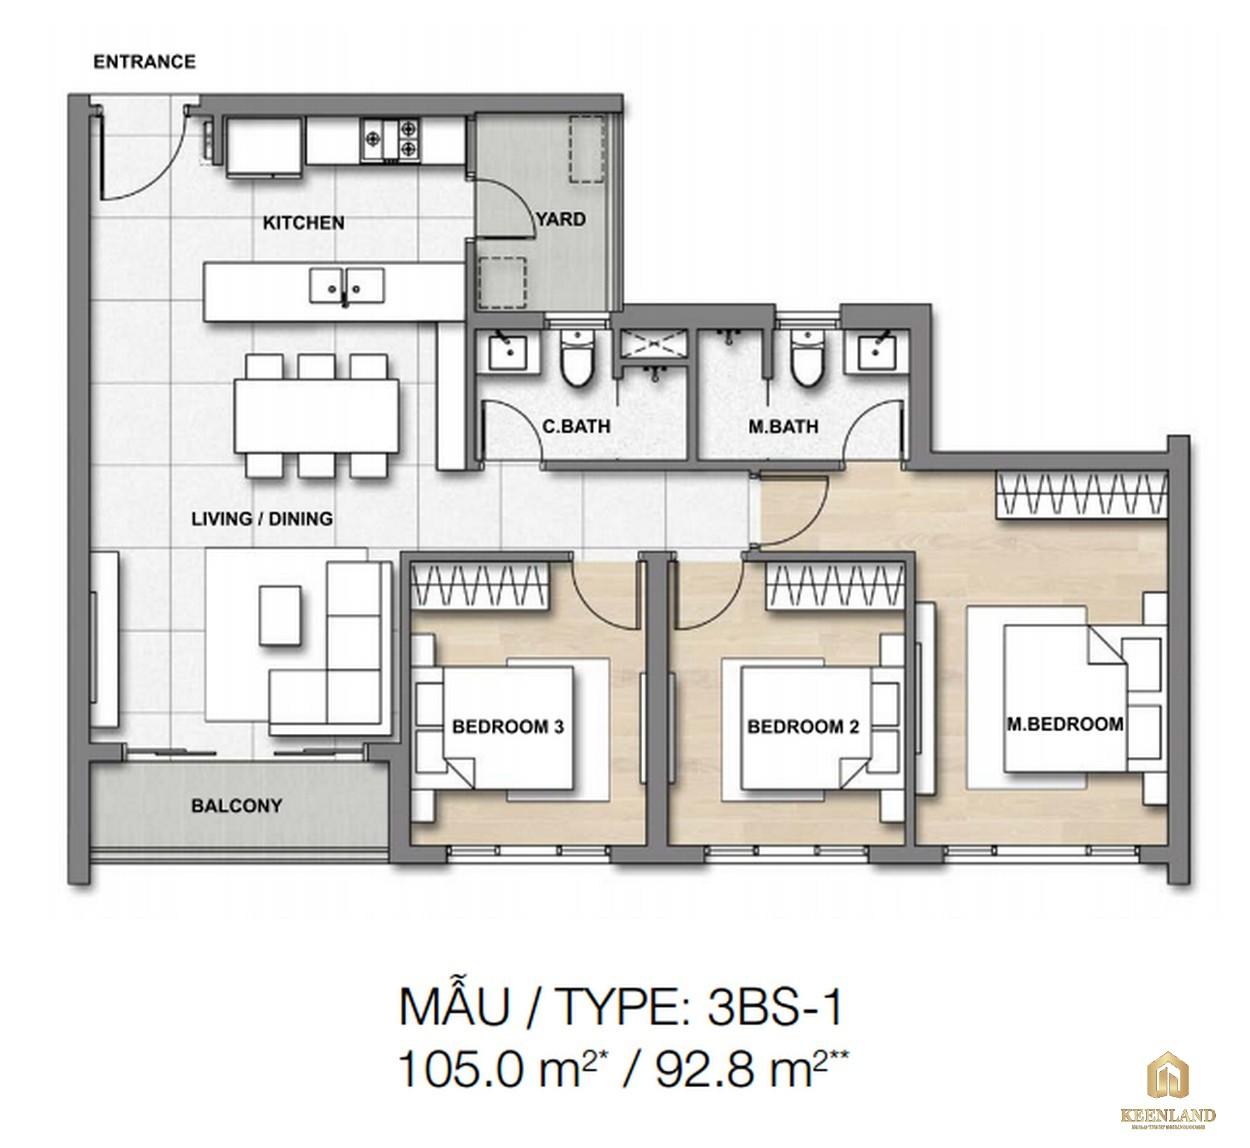 Thiết kế chi tiết căn hộ 3BS-1 dự án căn hộ chung cư Palm Heights Quận 2